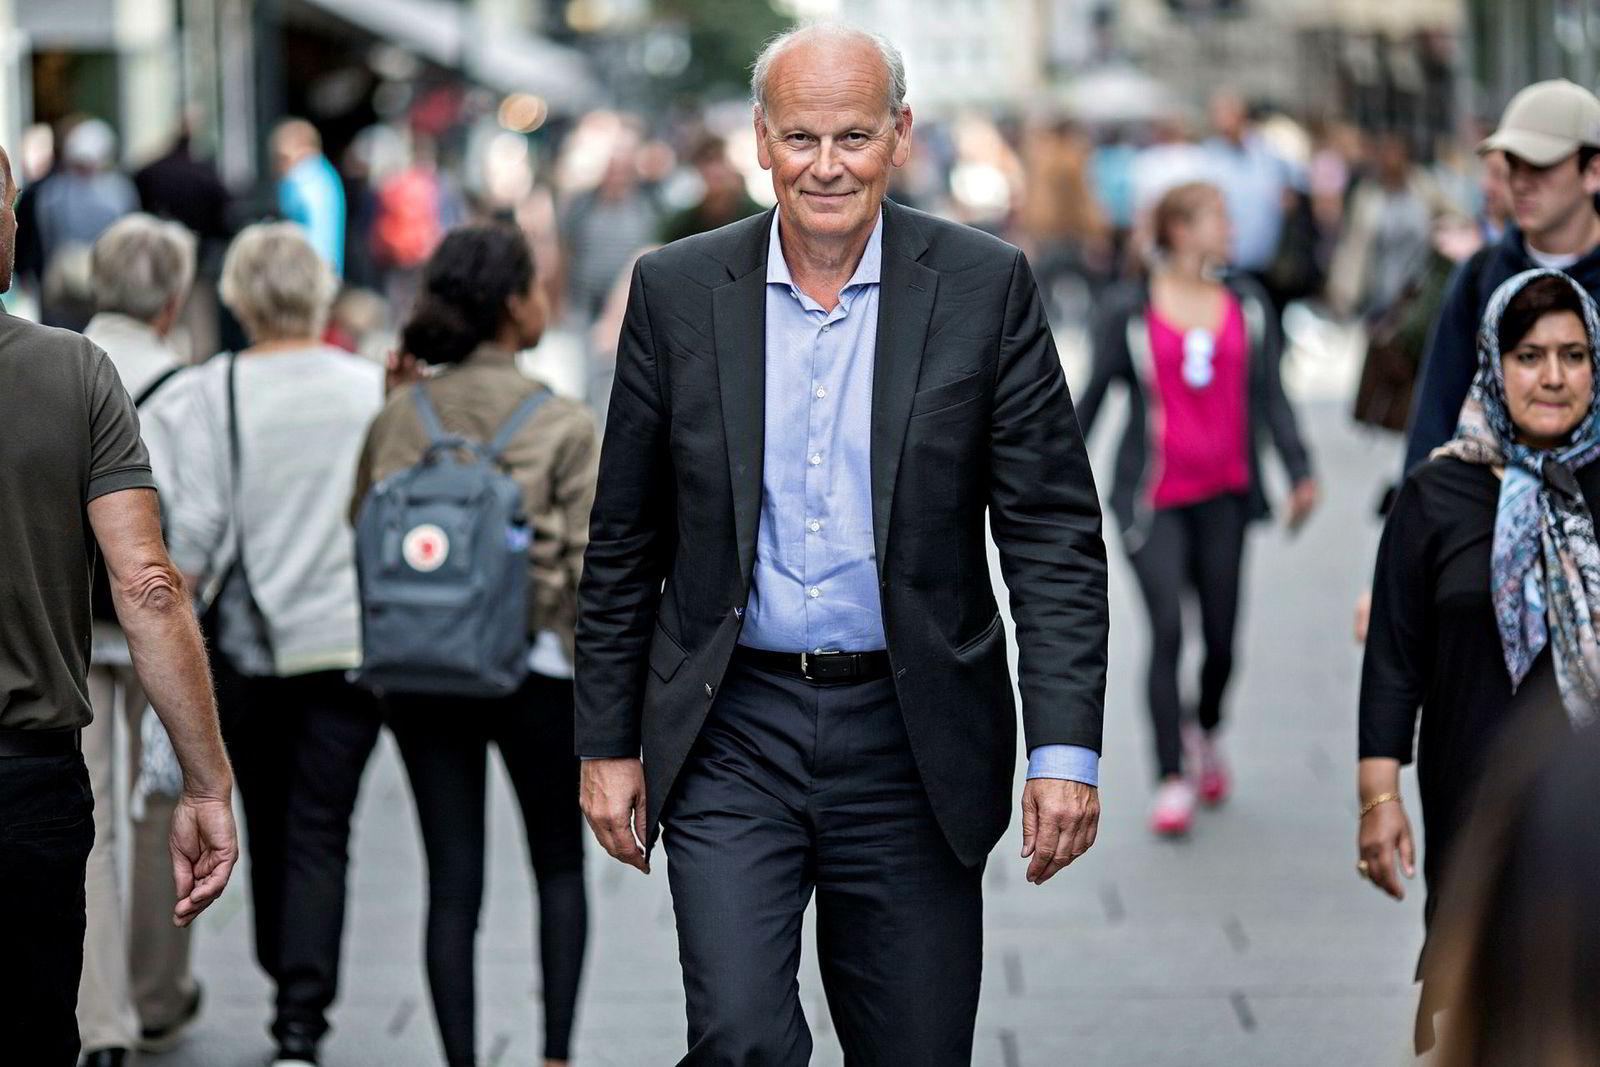 Høyres Michael Tetzschner utfordrer MDG til å vrake Ap i Oslo. – Nå har MDG anledning til å vise at de er blokkuavhengige, og samarbeide med Høyre i Oslo, sier han.